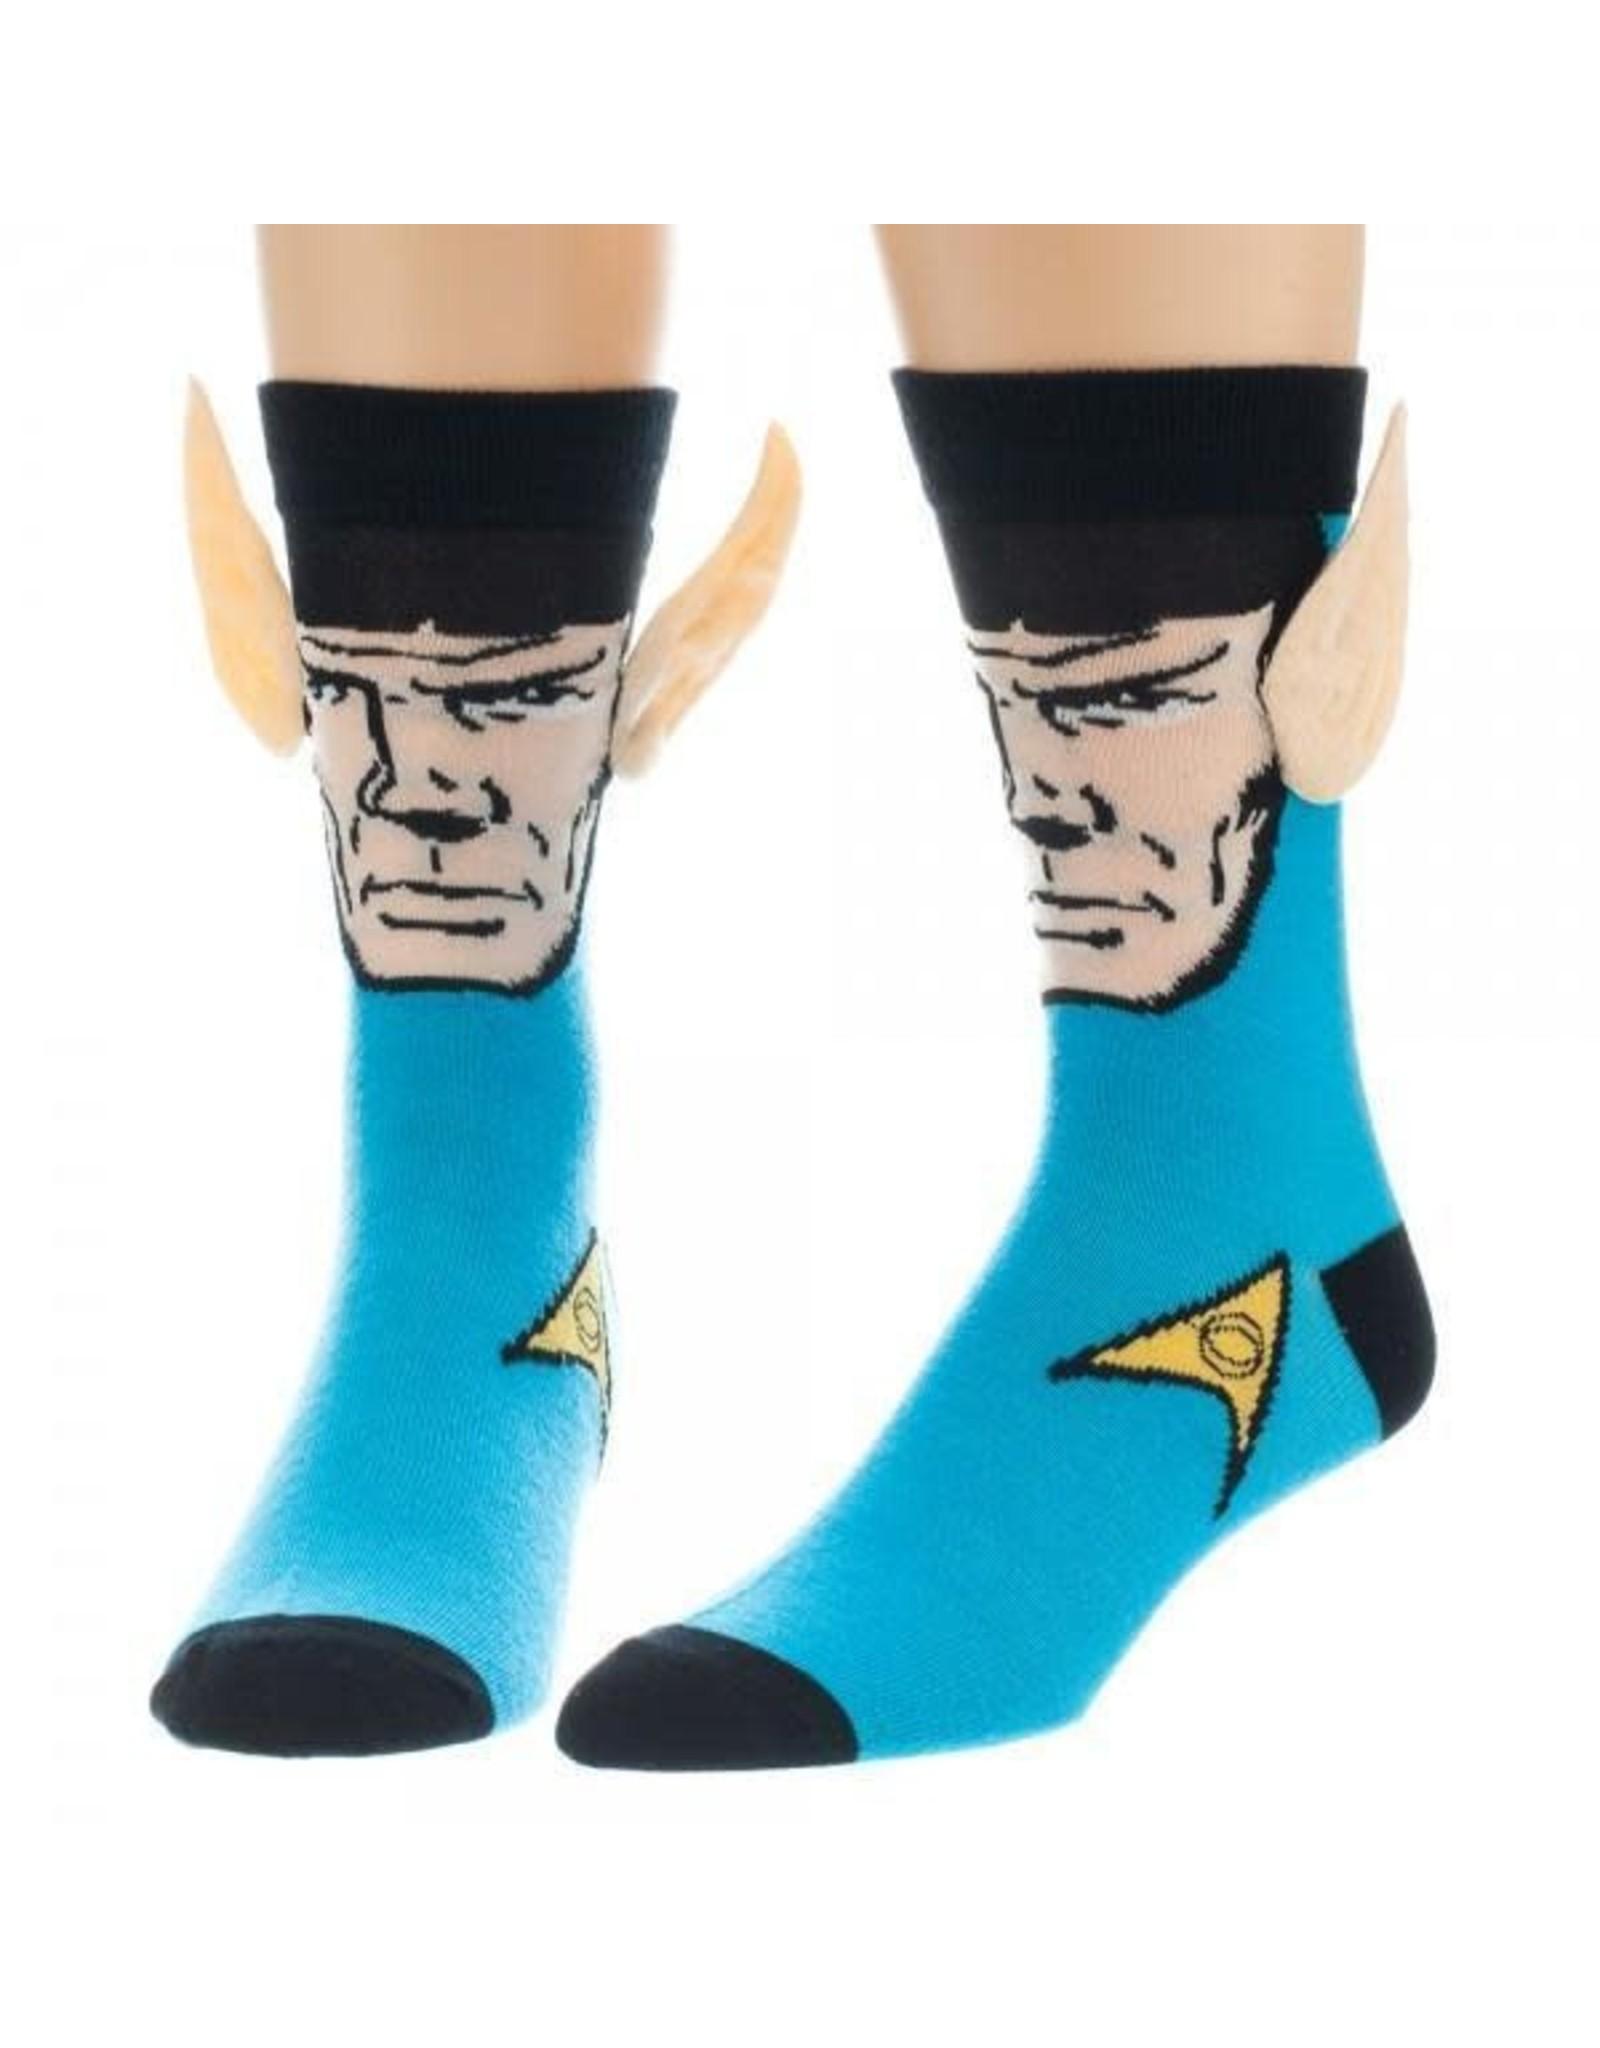 Mens Socks - Star Trek Spock